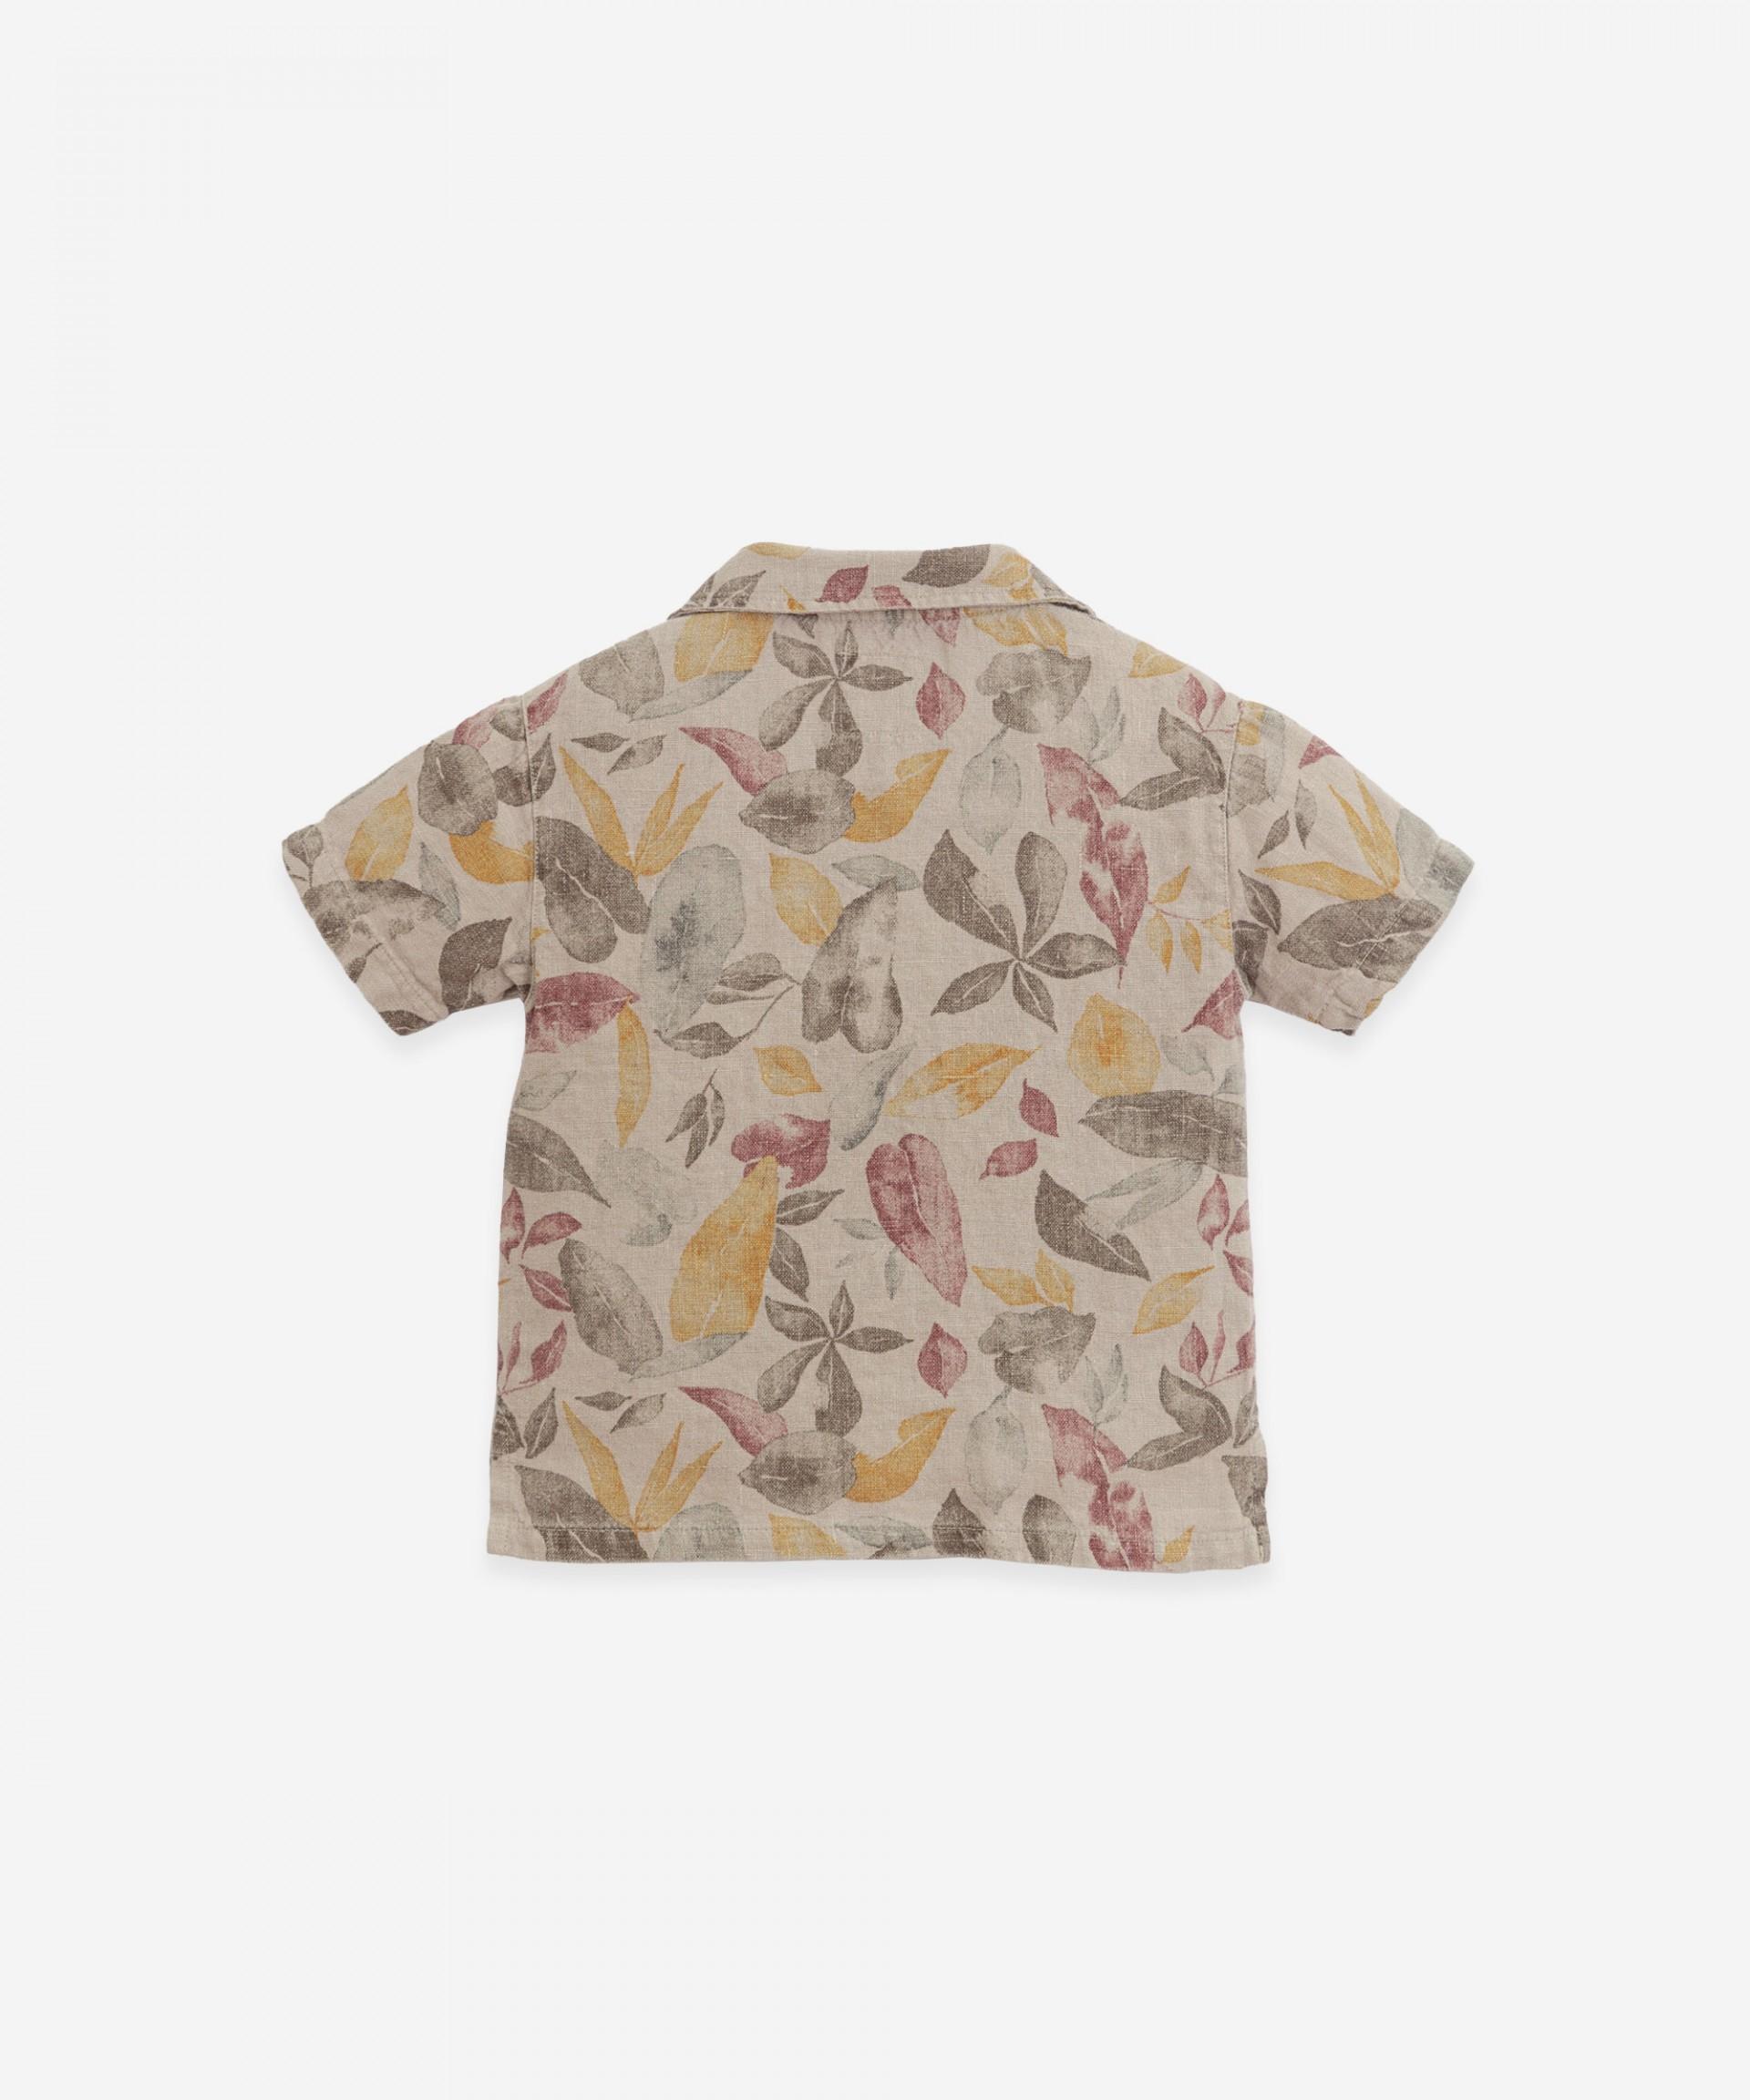 Camisa de linho com estampado de folhas | Botany